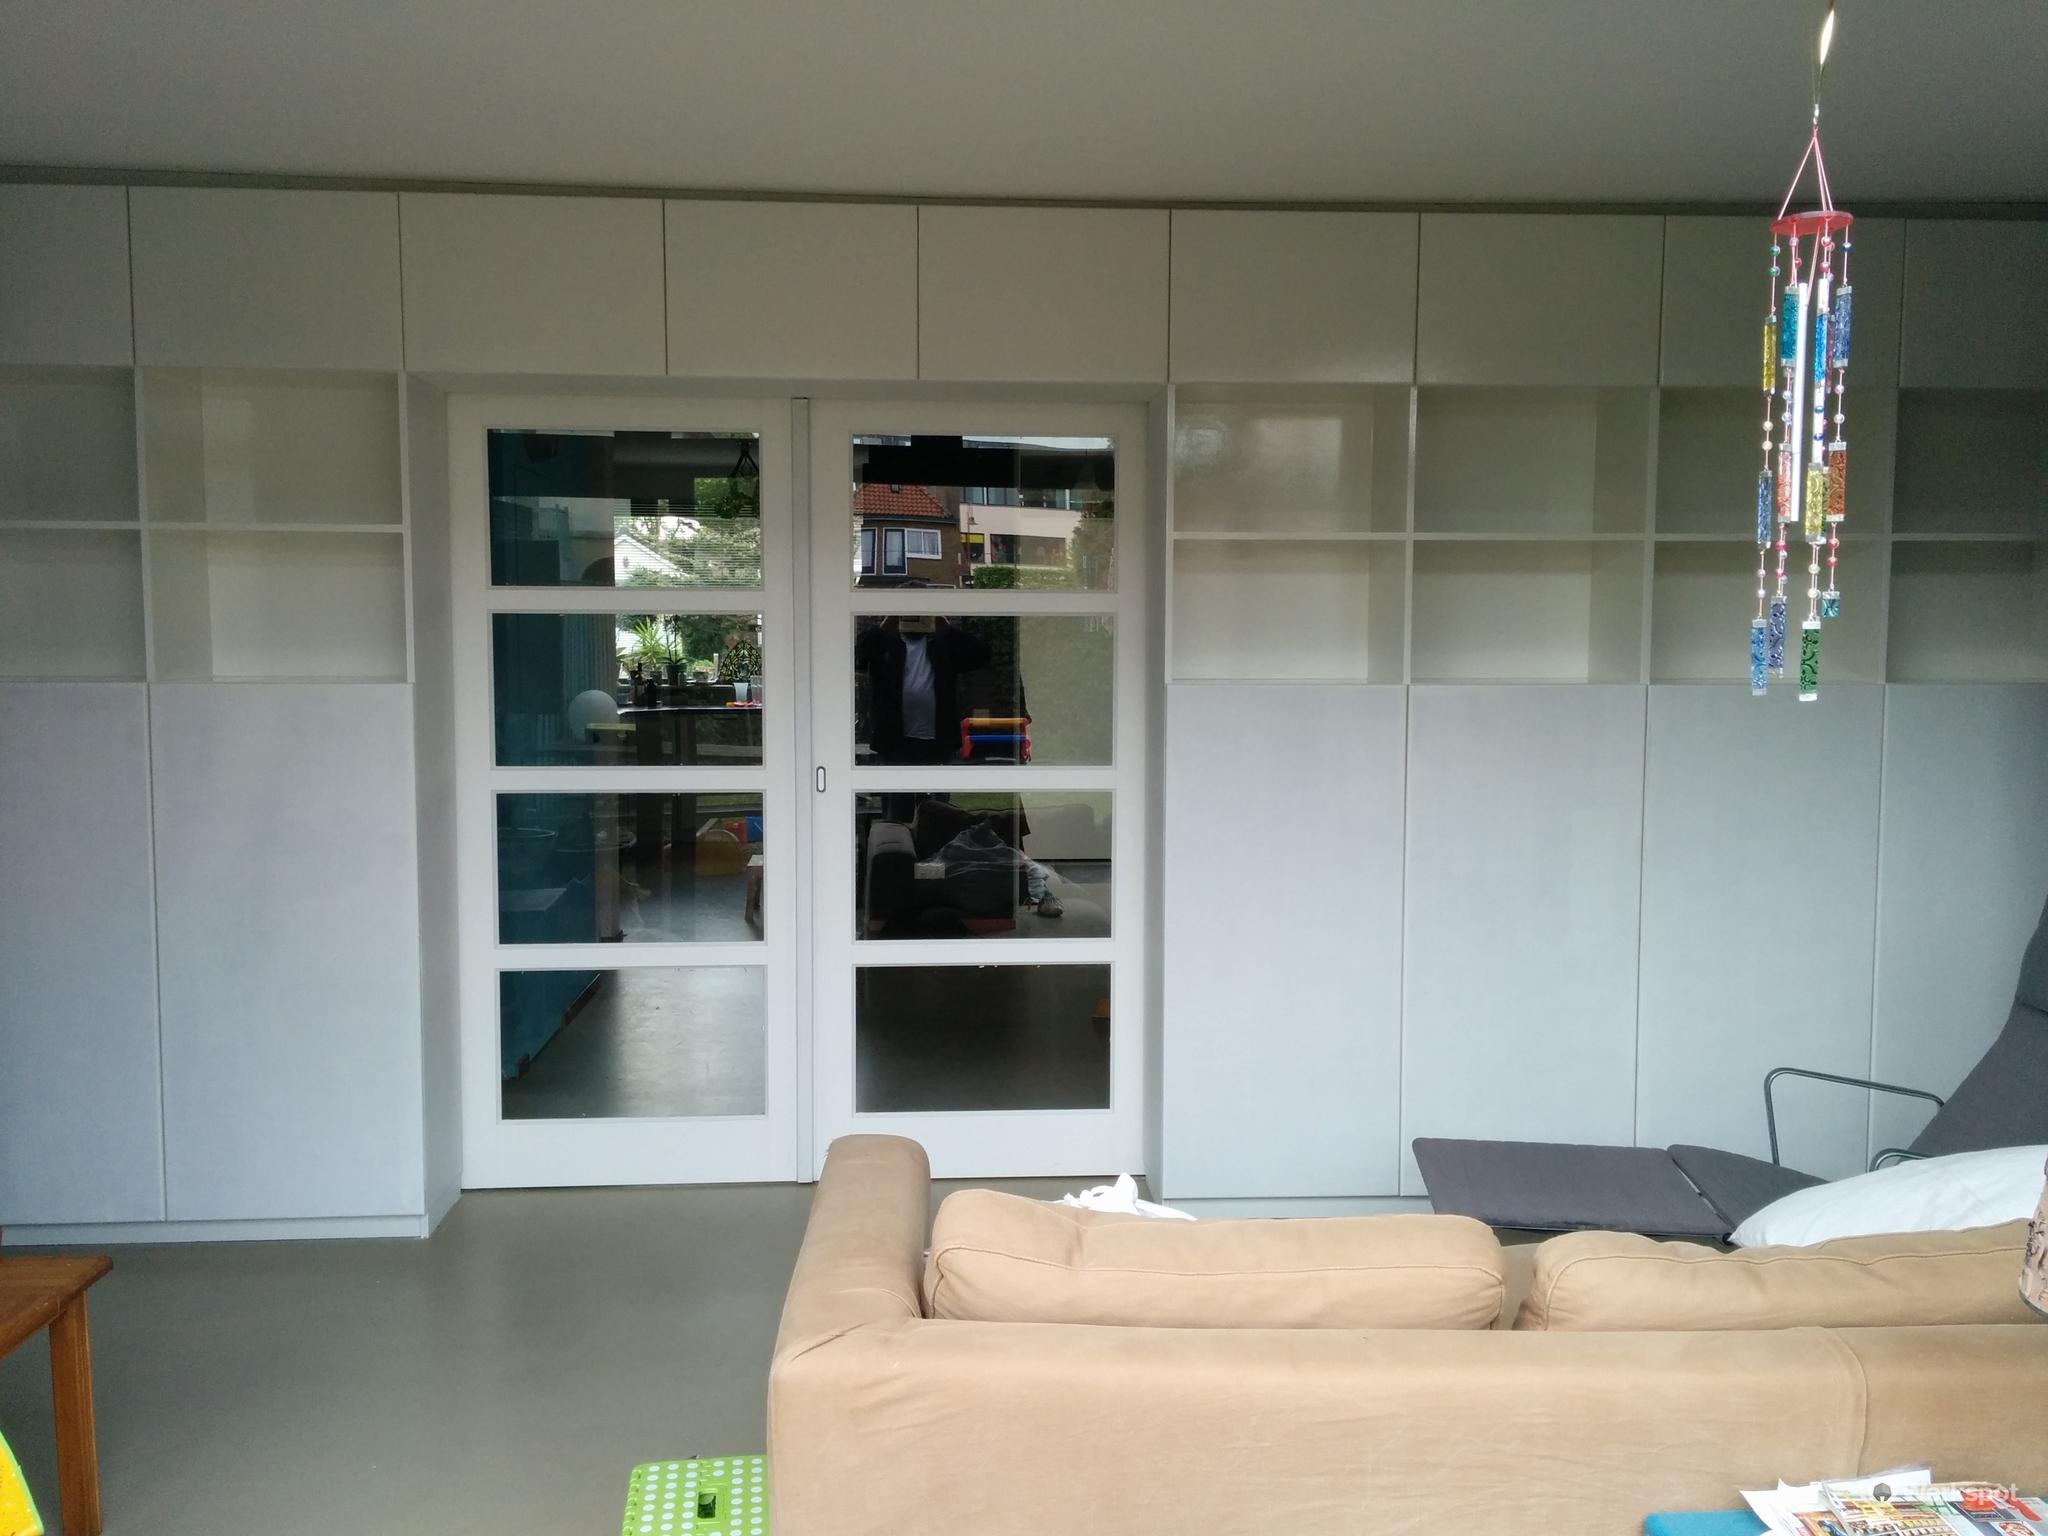 Scheidingswand met schuifdeuren maken in woonkamer - Werkspot